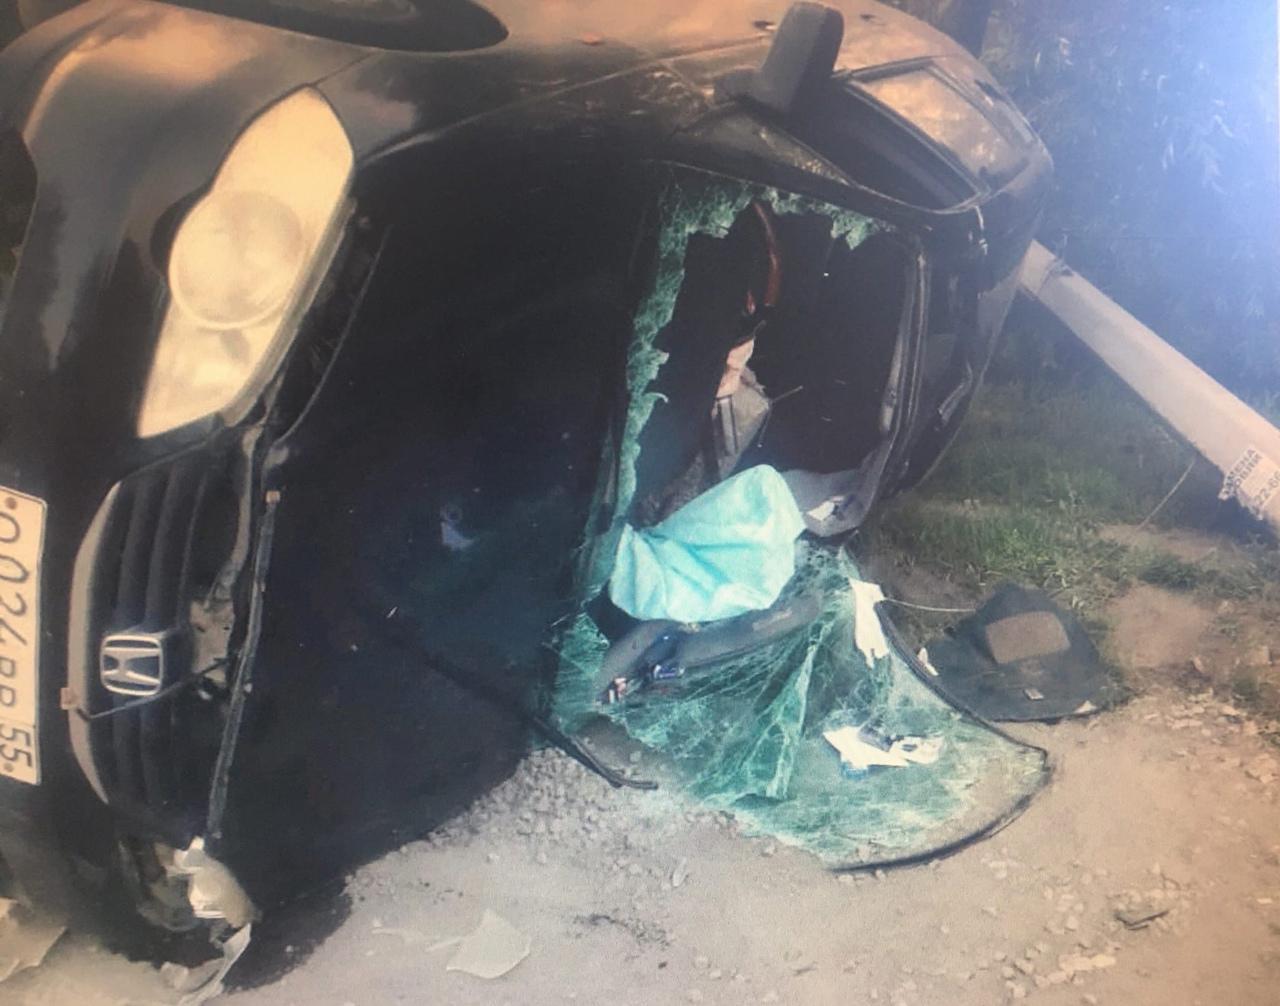 Пьяный омич сел за руль, врезался в столб и перевернулся #Новости #Общество #Омск